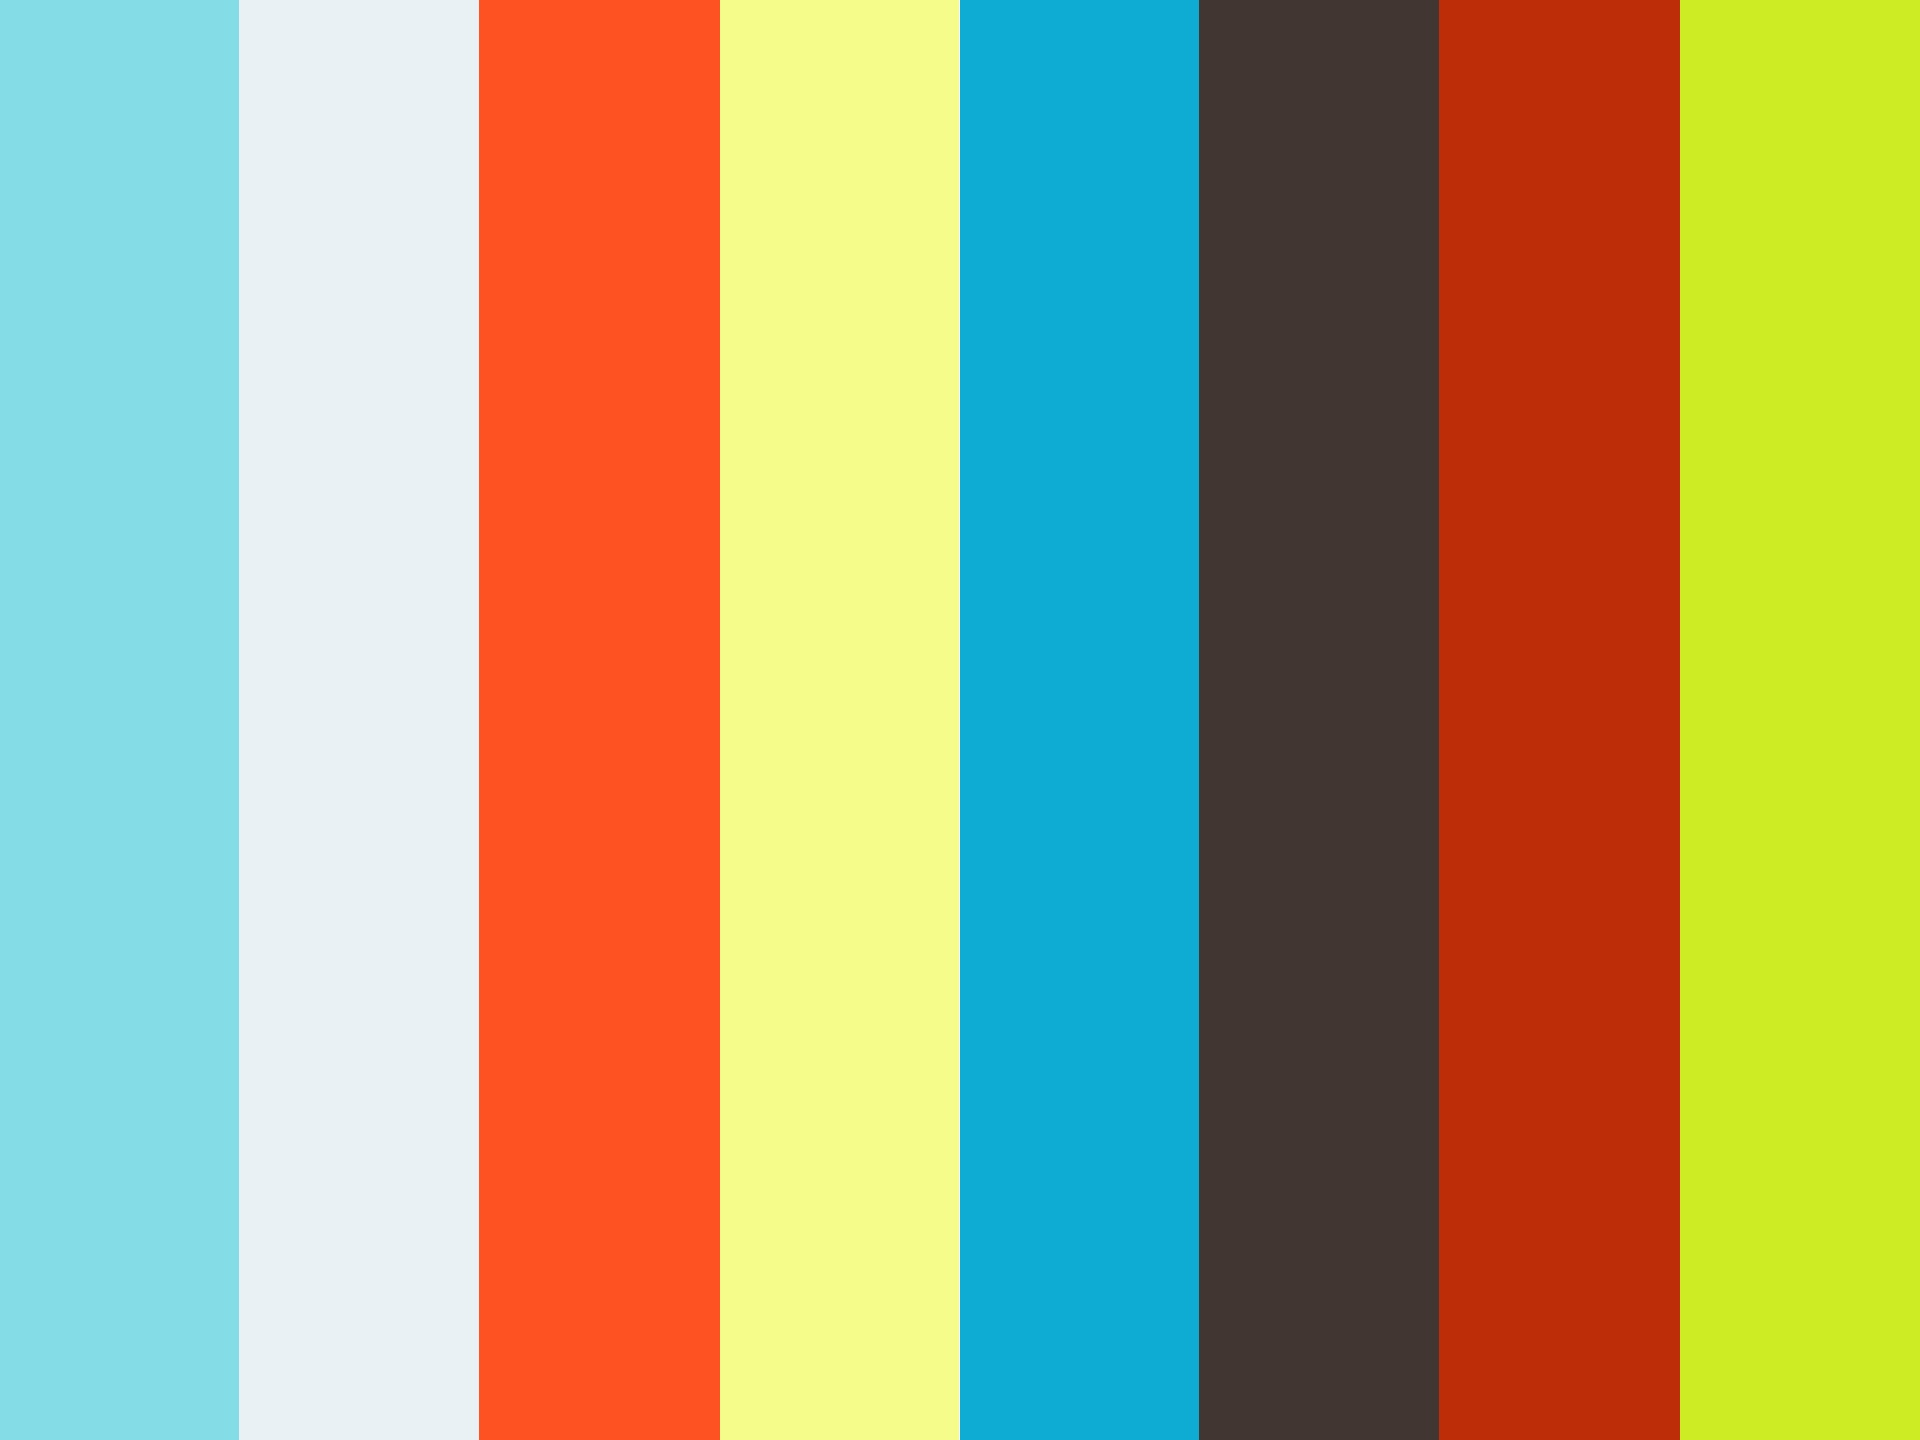 kinetic typography on vimeo